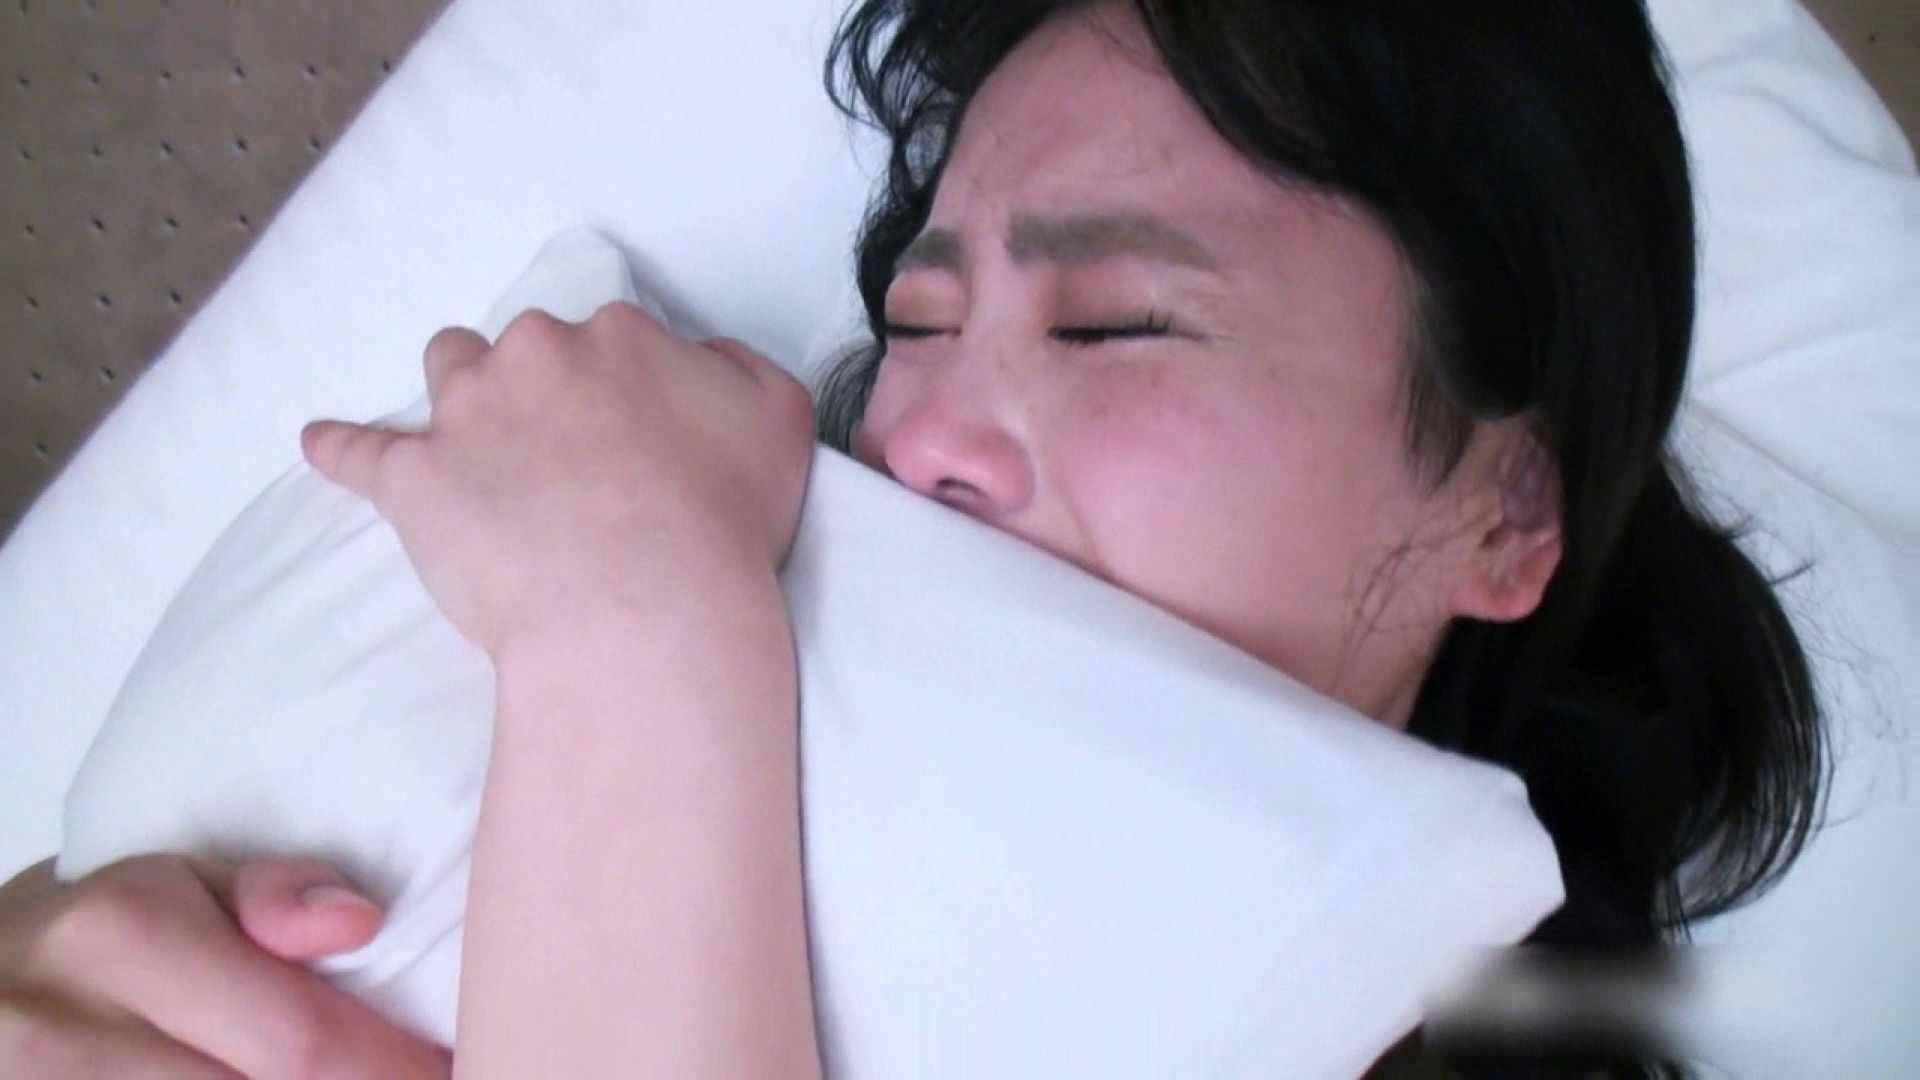 ビッチガールの反逆 Vol.16 後編 マンコ・ムレムレ  88pic 68